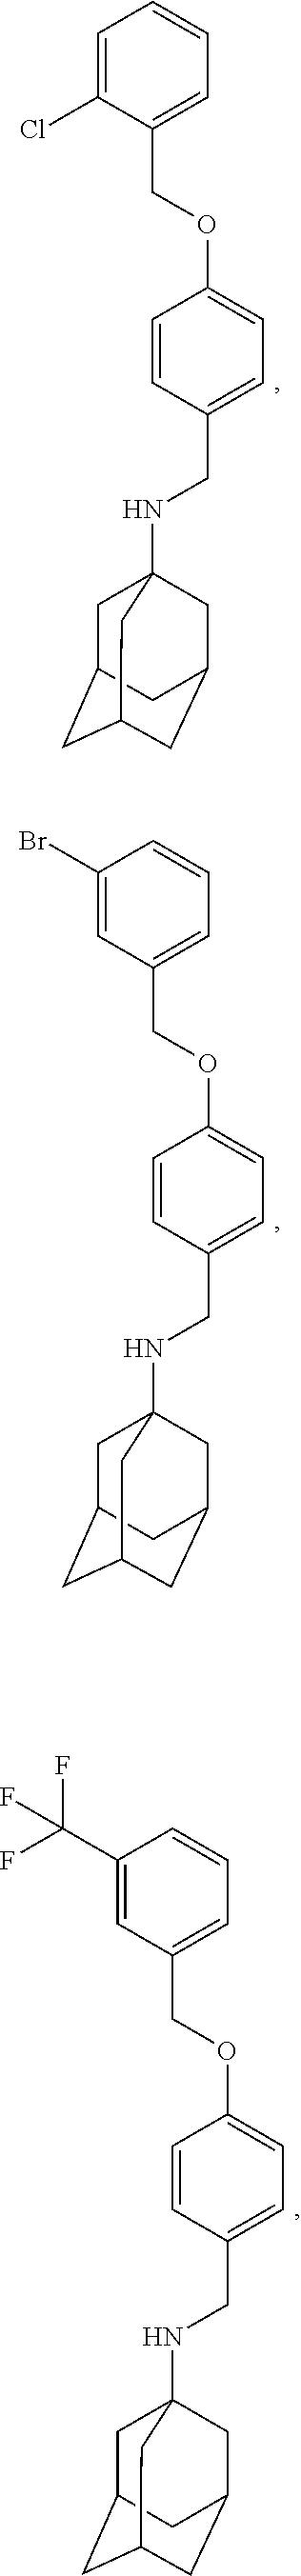 Figure US09884832-20180206-C00030